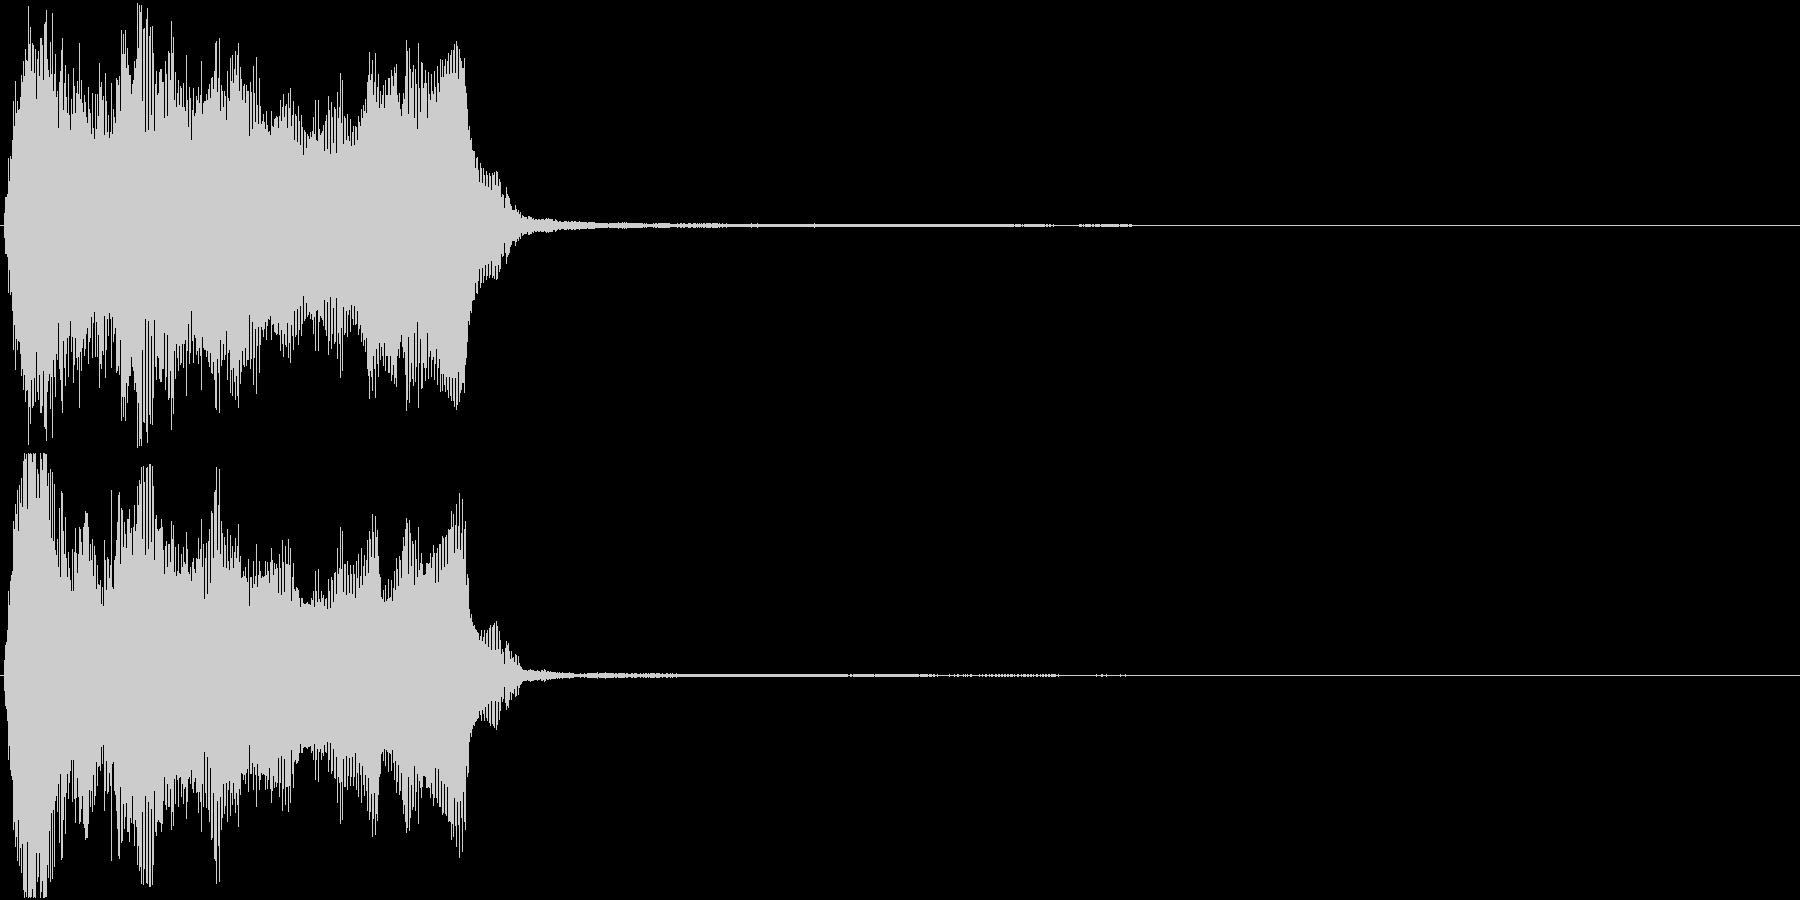 トランペット ファンファーレ 定番 6の未再生の波形